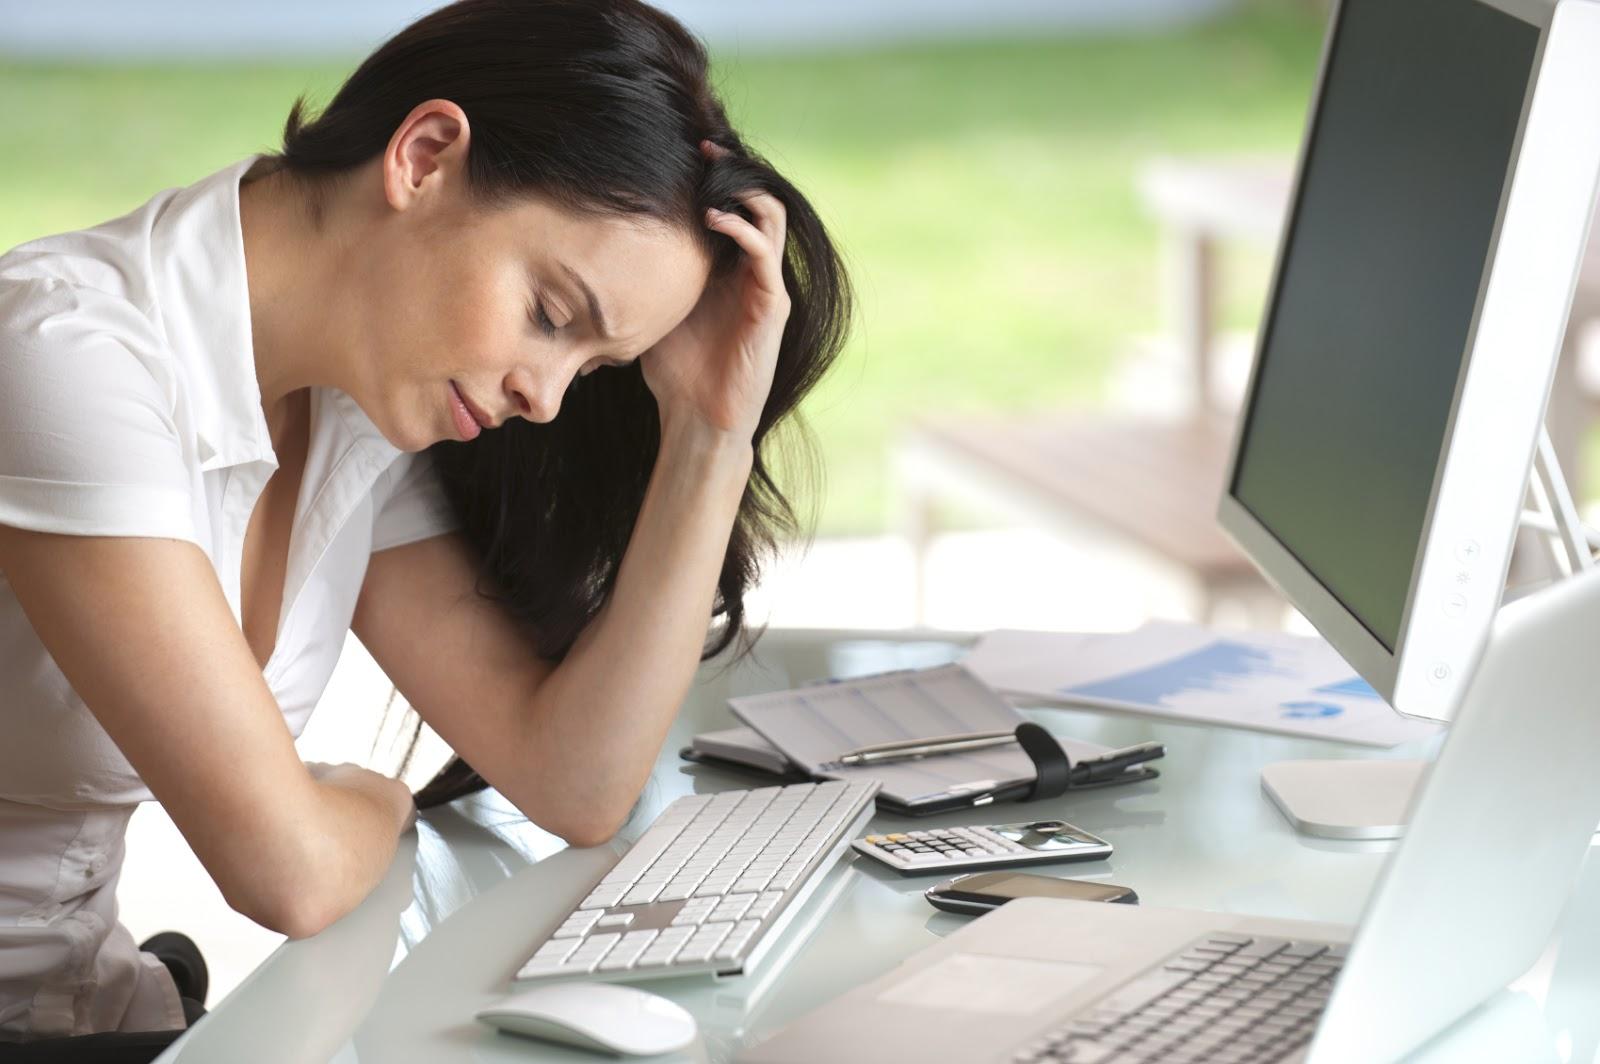 хоум кредит банк онлайн заявка на кредитную карту